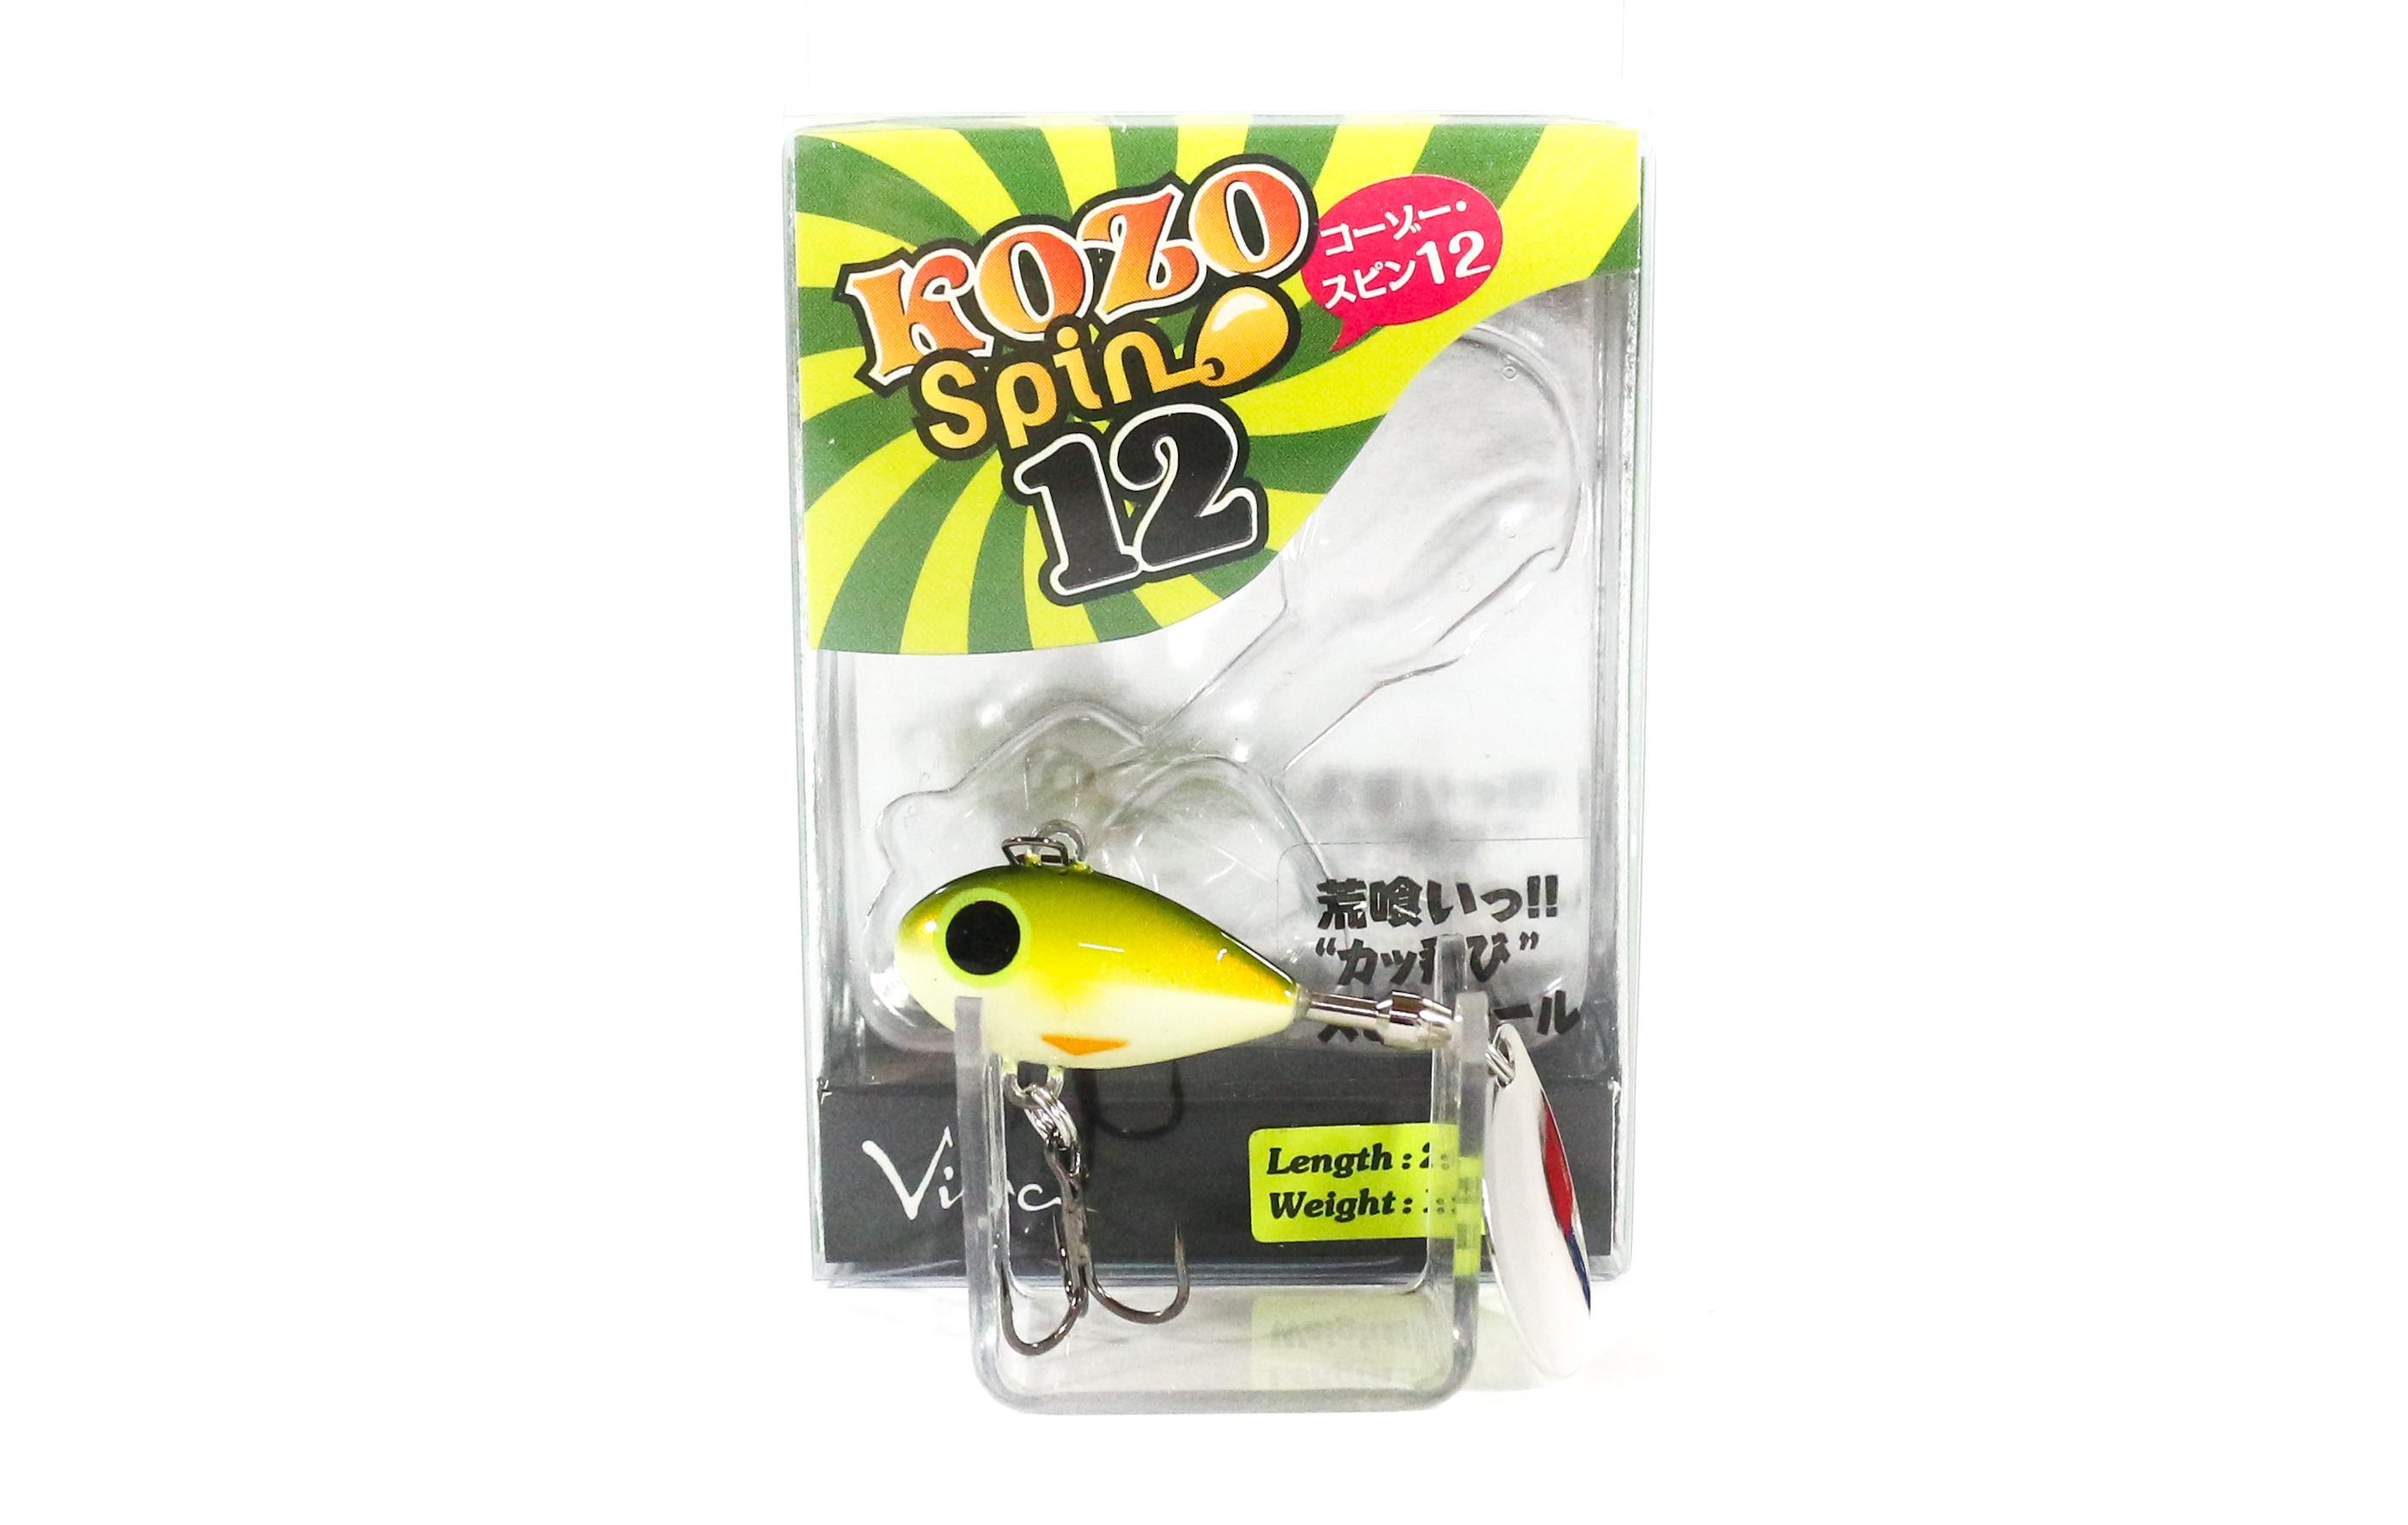 Viva Kozo Spin 12 grams Spinner Bait Lure 128 (7526)